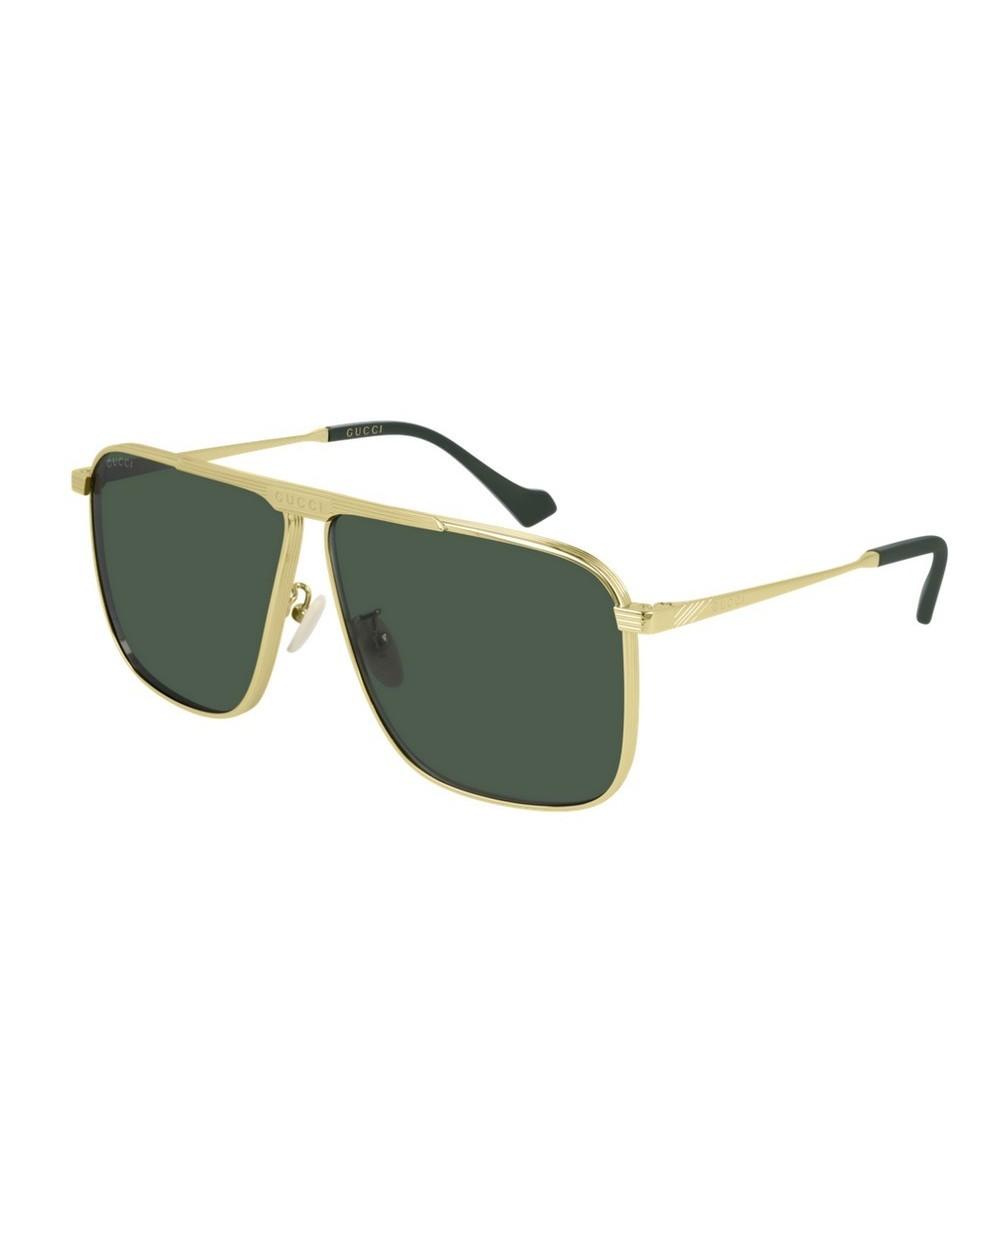 Occhiale da sole Gucci GG 0840S originale garanzia italia